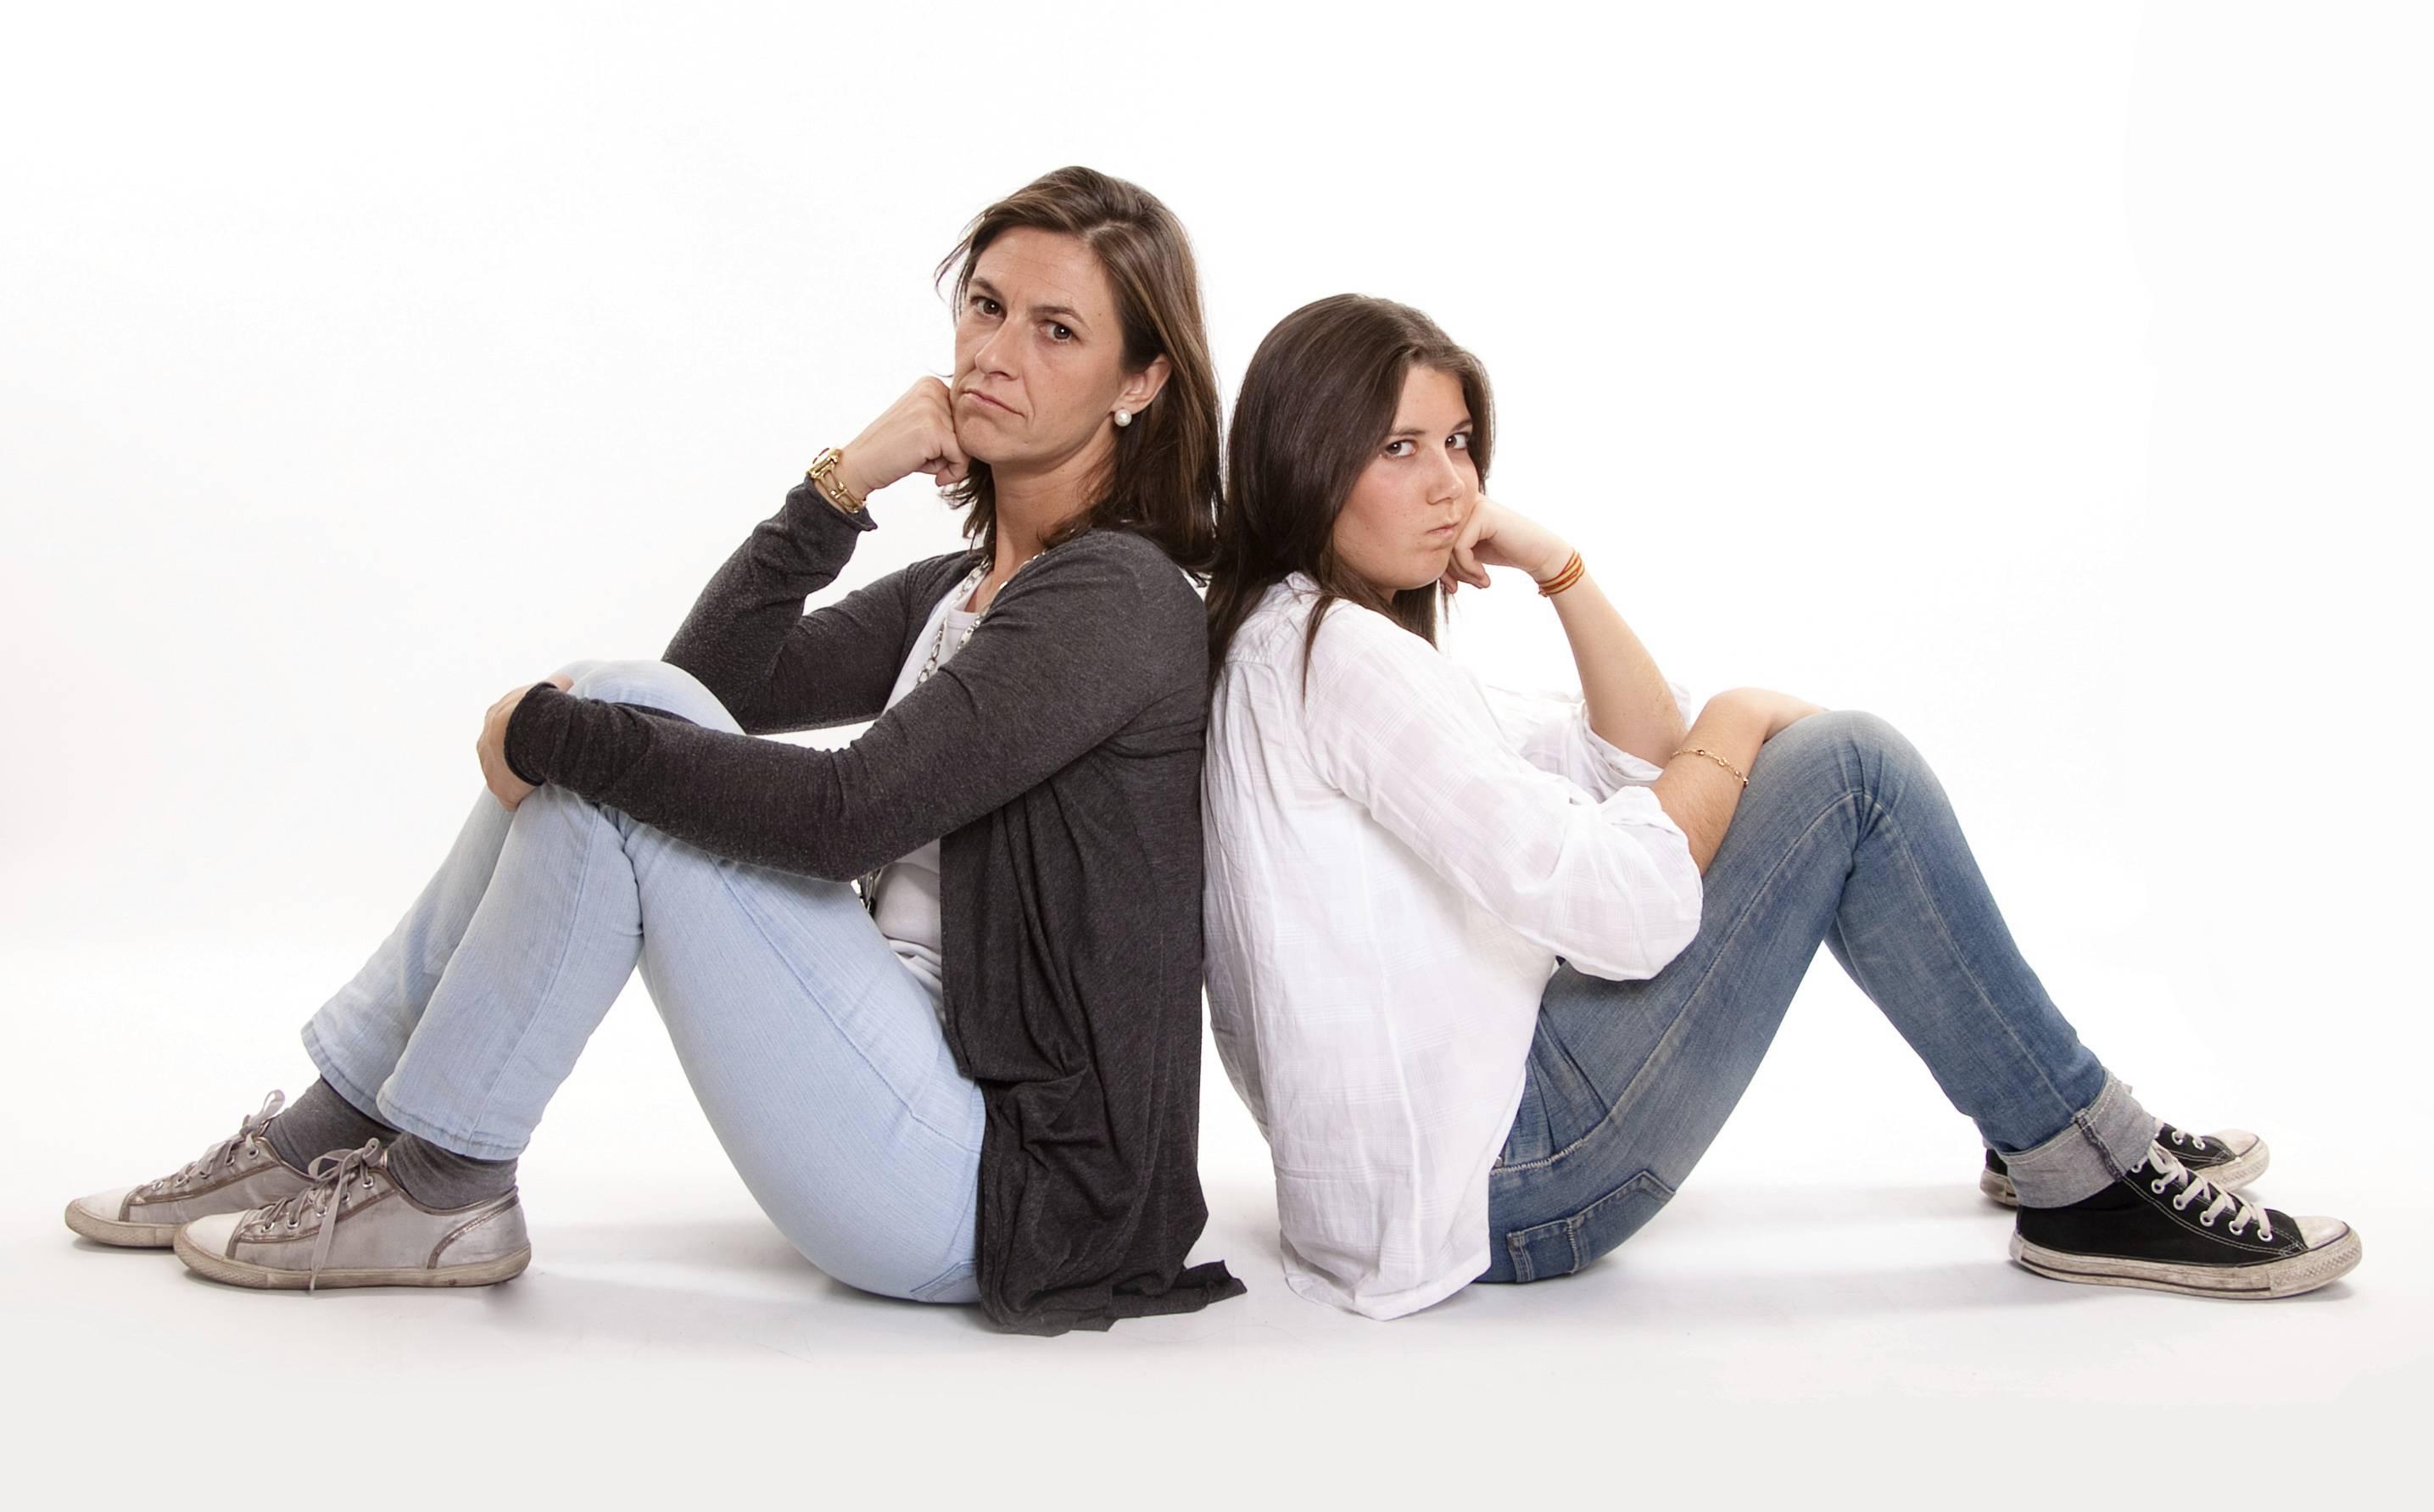 mamma e figlia adolescente sedute per terra si danno le spalle